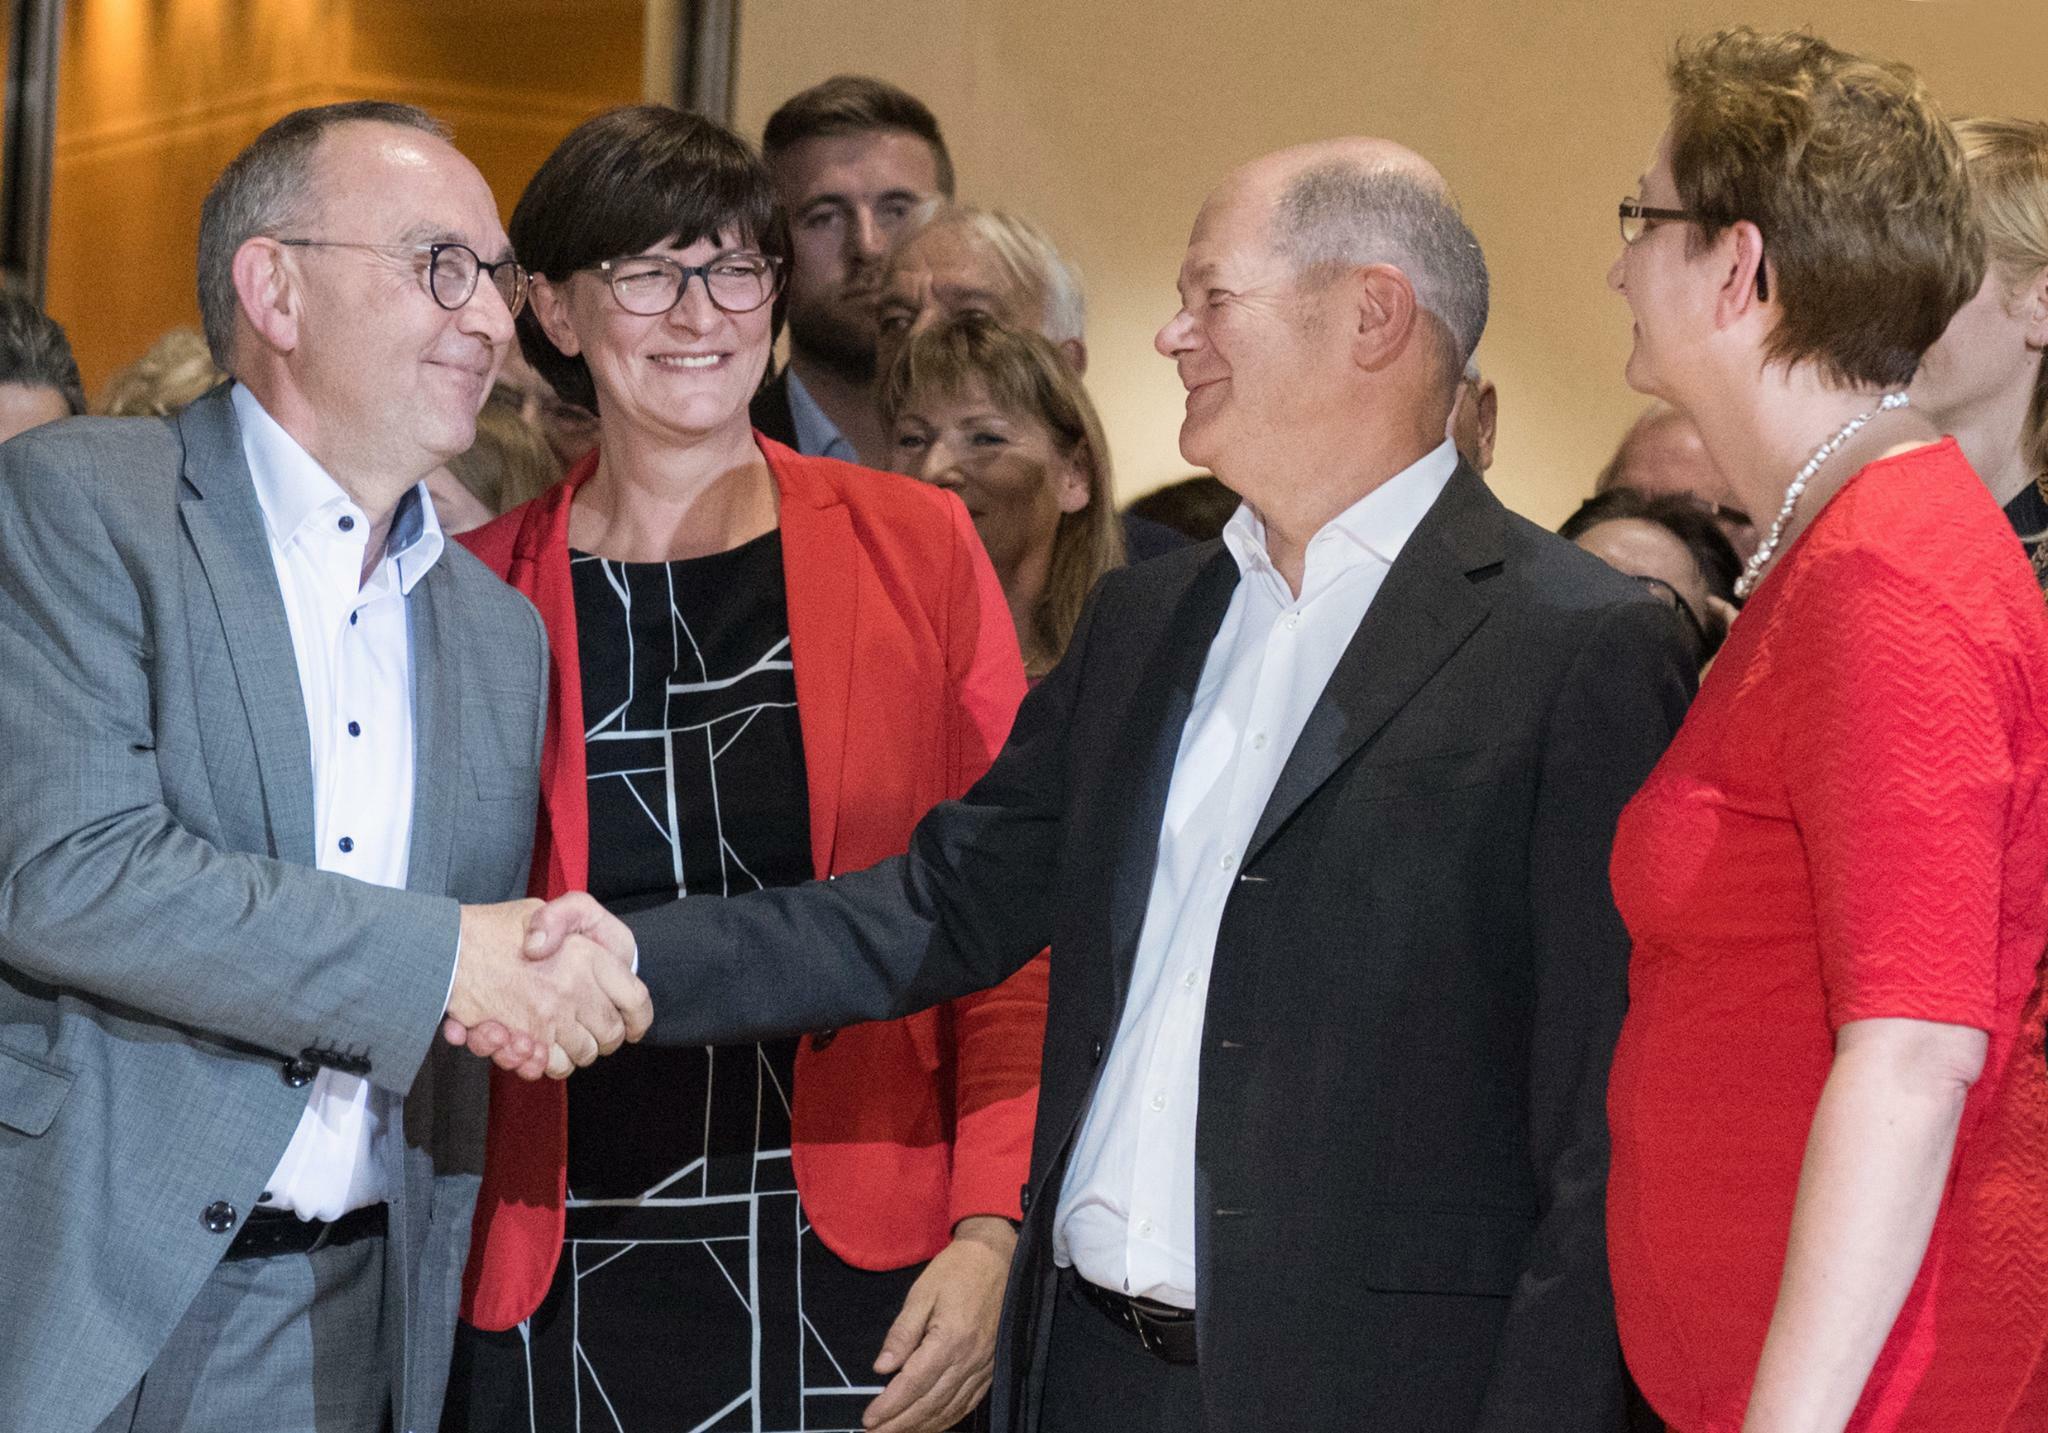 Spd Walter Borjans Und Esken Wollen Neuen Koalitionsvertrag